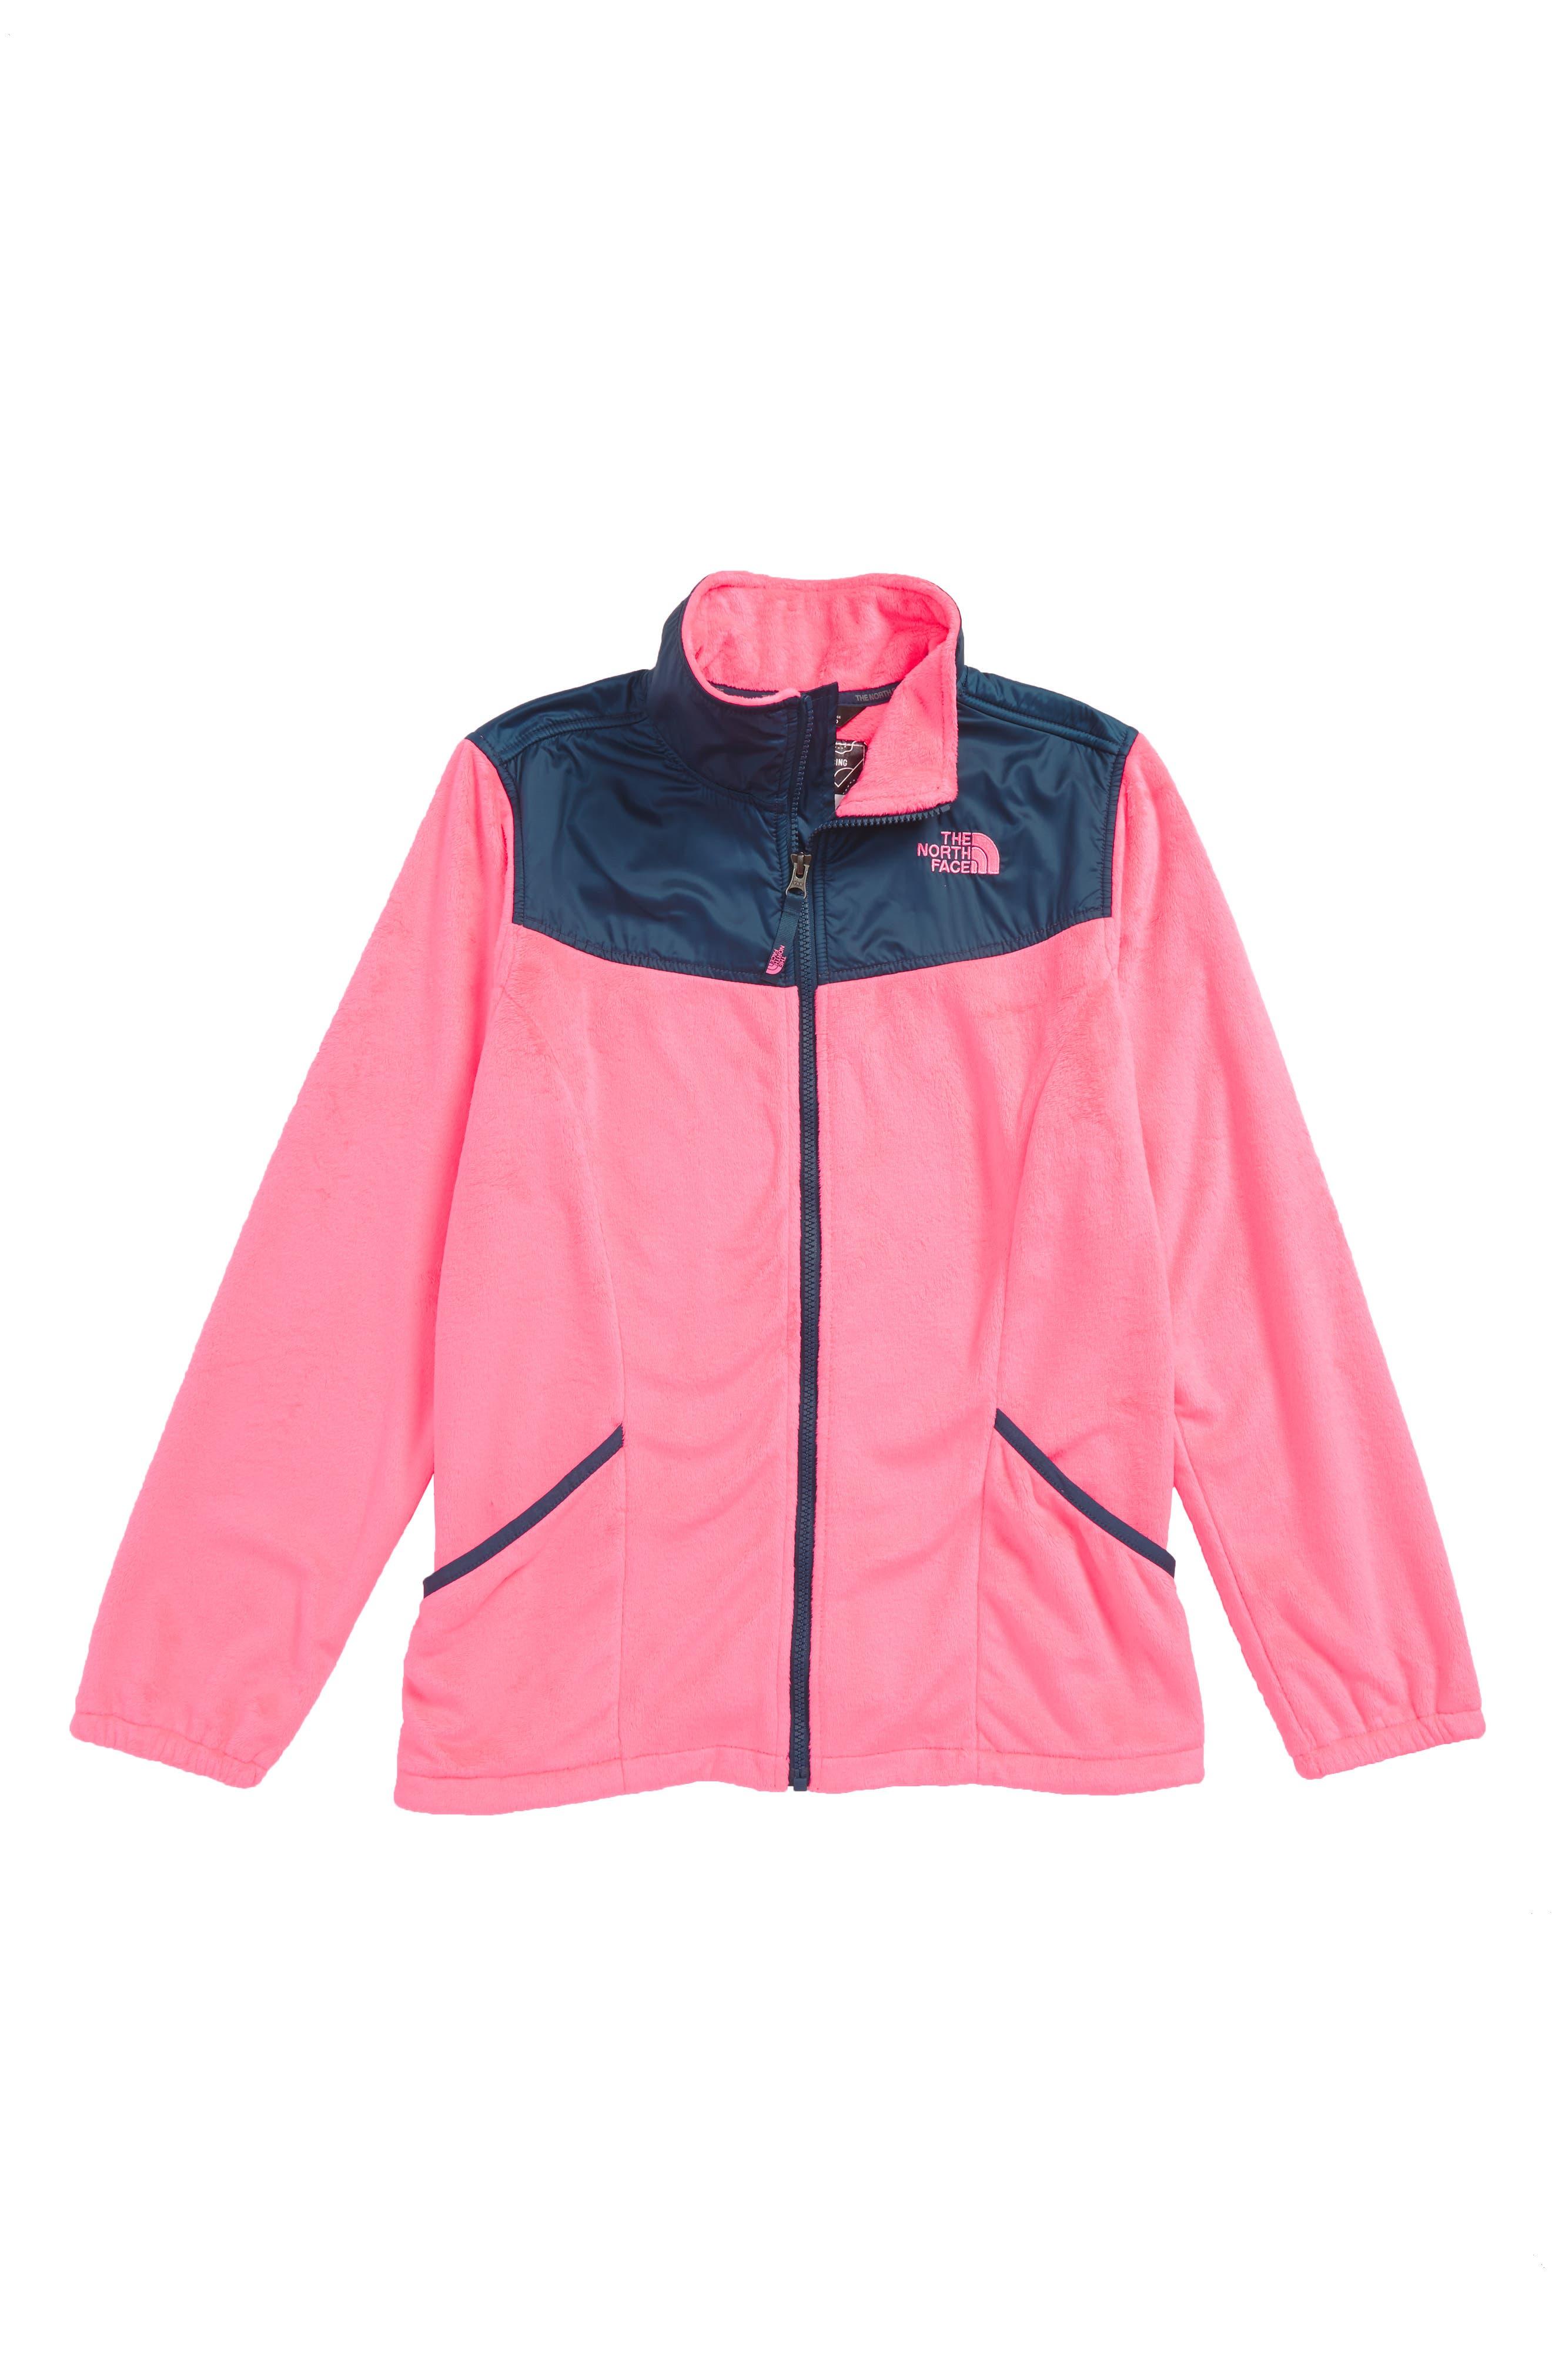 Osolita 2 Fleece Jacket,                             Main thumbnail 1, color,                             Gem Pink